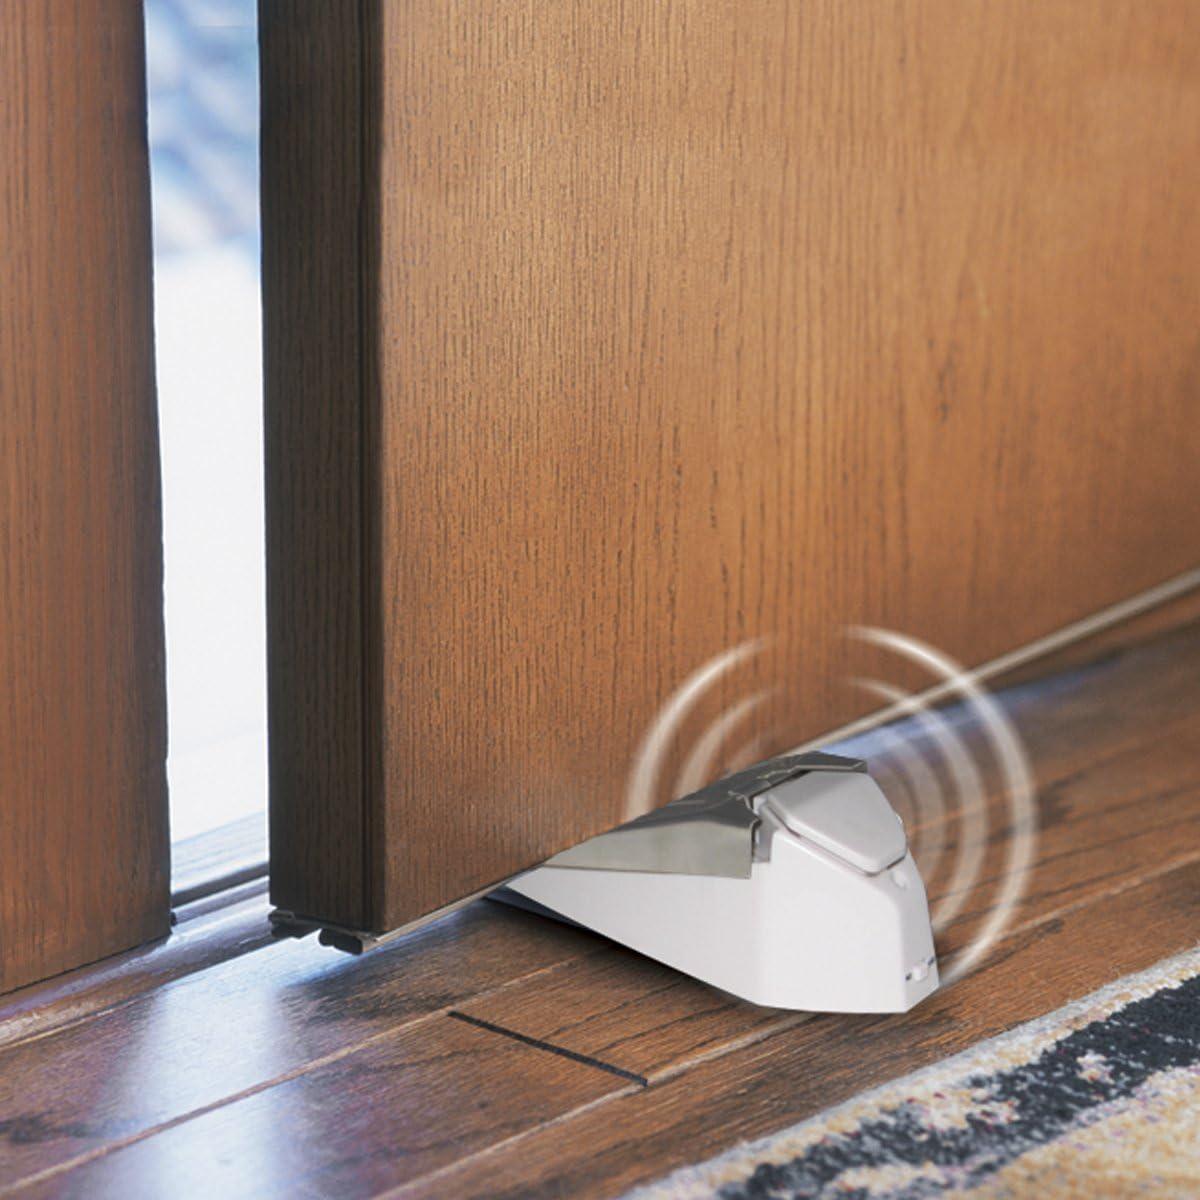 Personal Security Door Stop Alarm